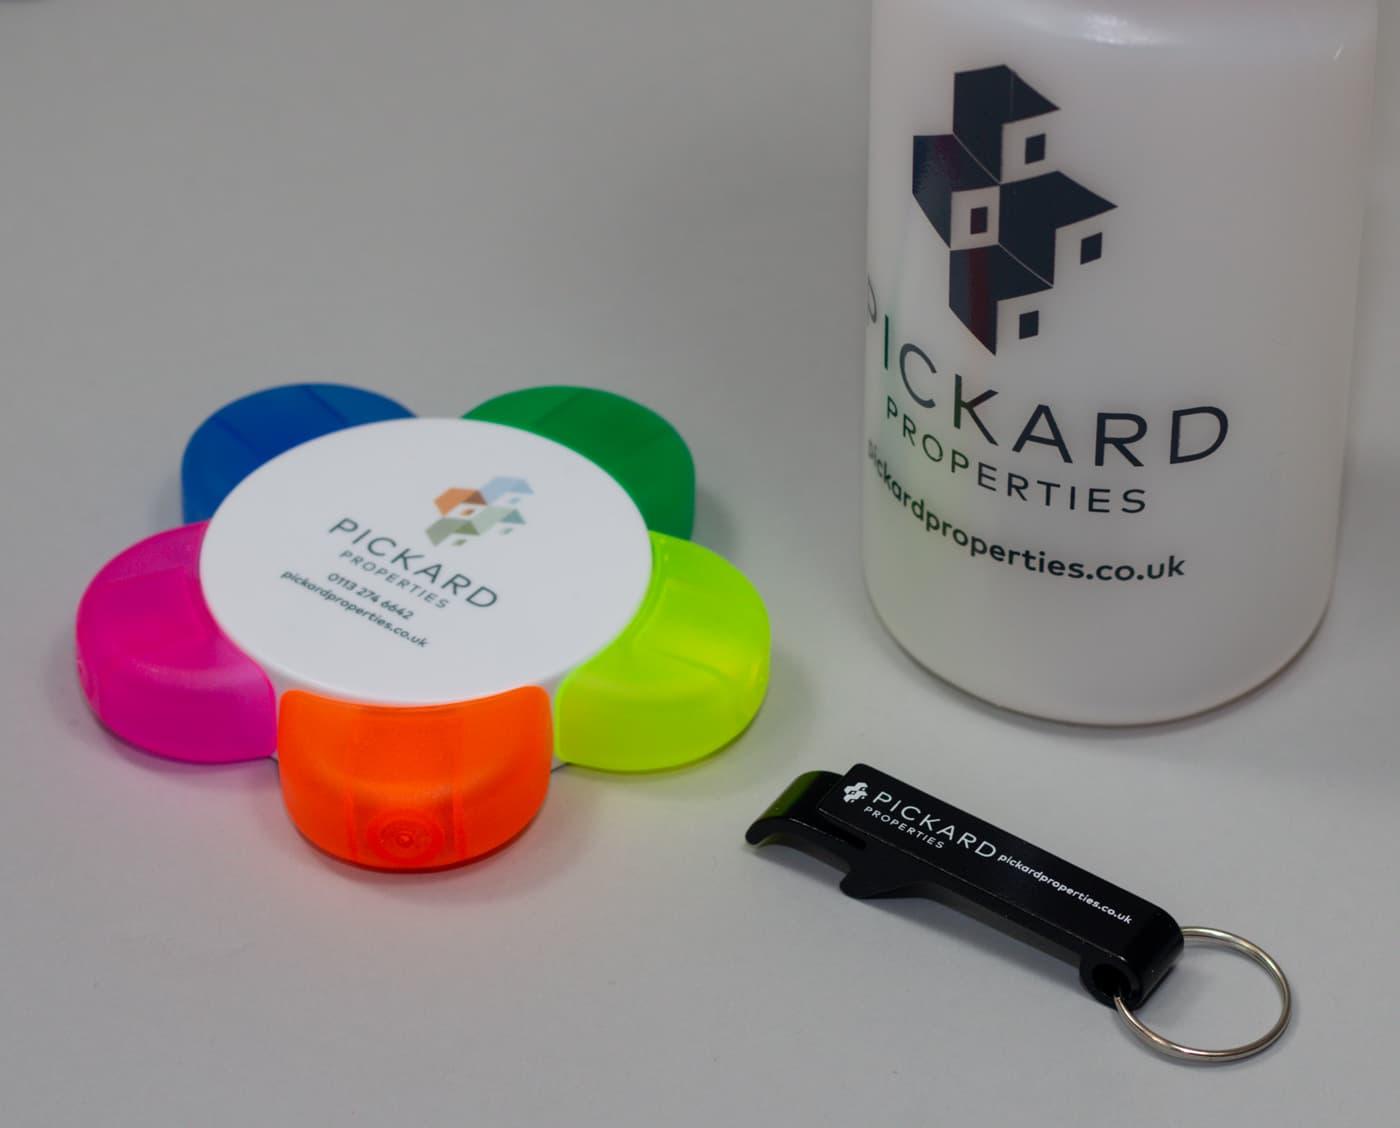 Highlighter Printing - Pickard Properties-3